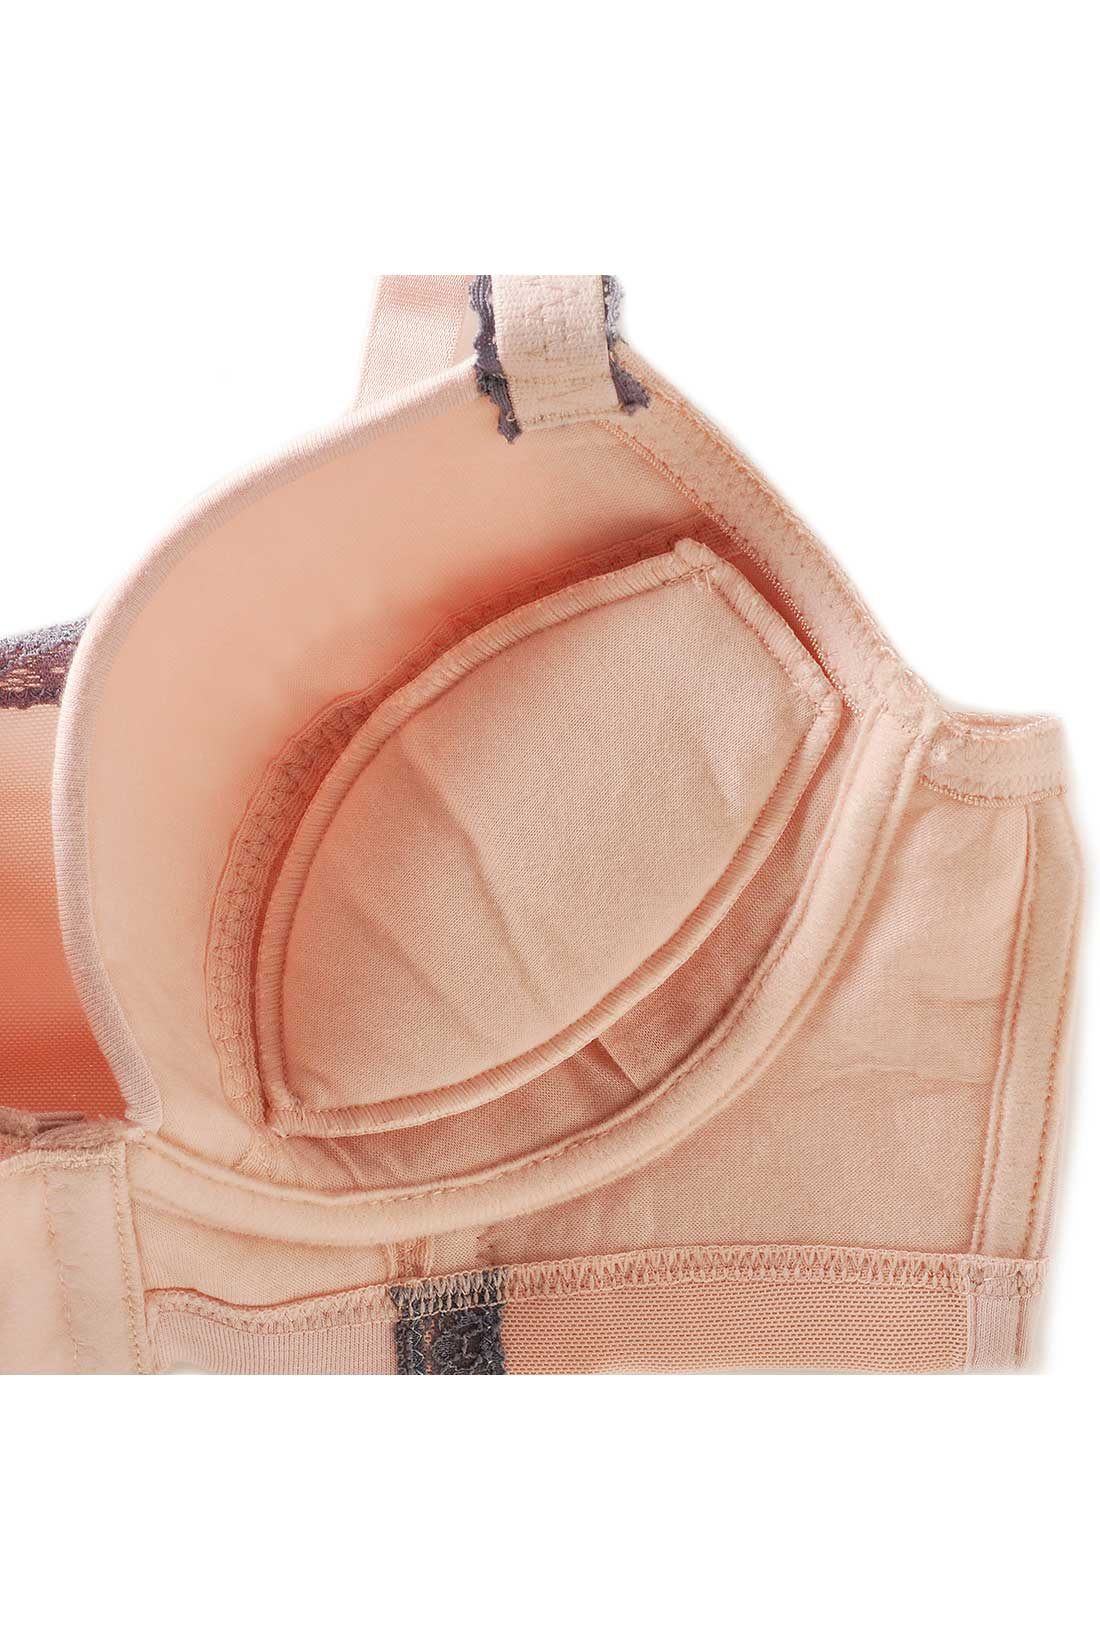 丸胸に寄せるパッドは取り外し可能。